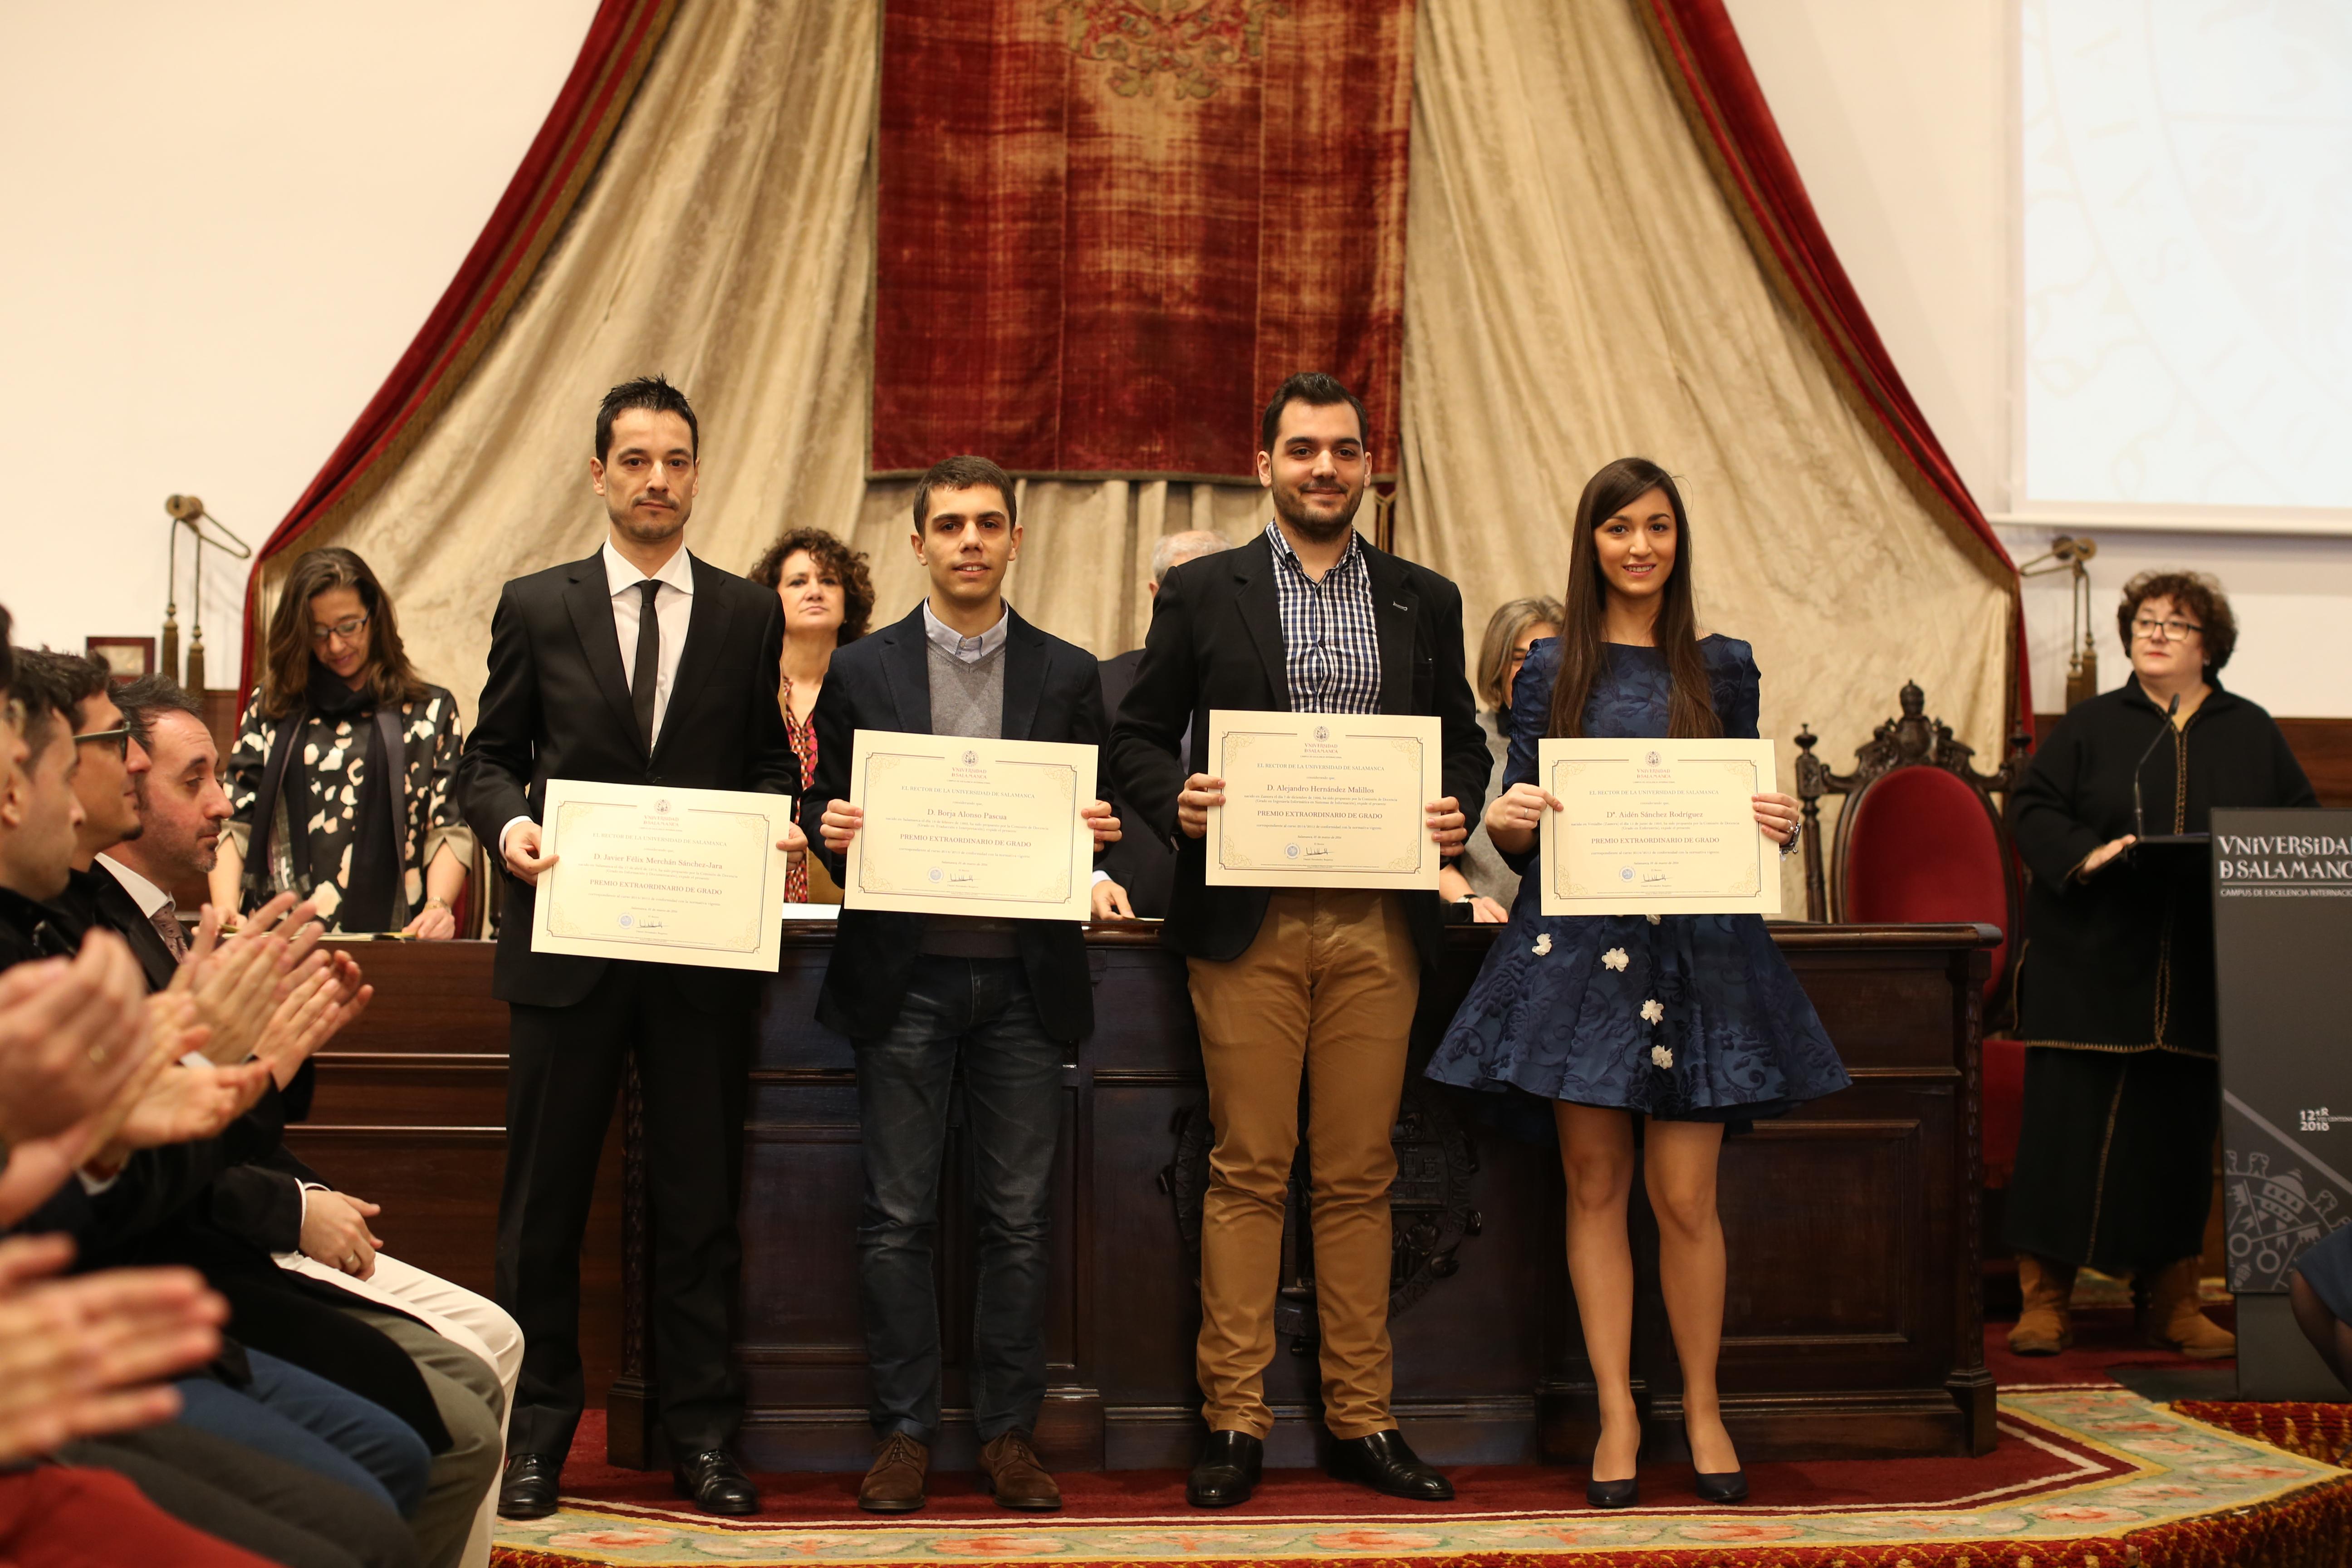 Fotografía de Premio Extraordinario de Grado y de Grado de Salamanca 12